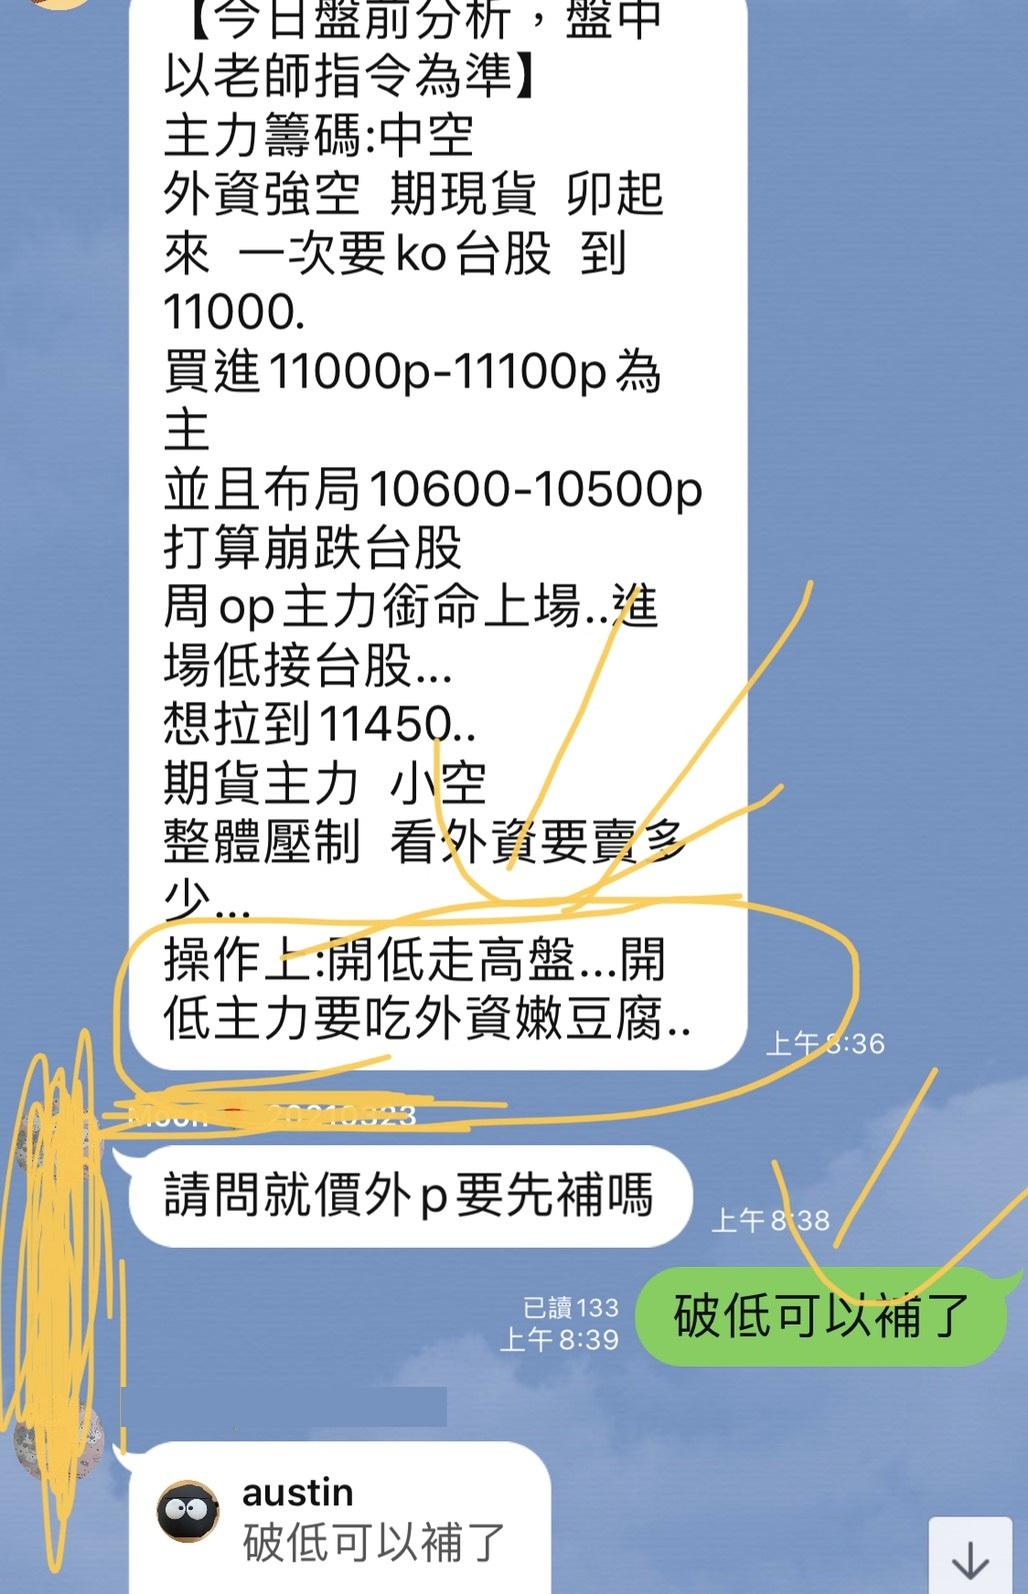 03月09日~~~奧丁學院~~~市場佼佼者!!!